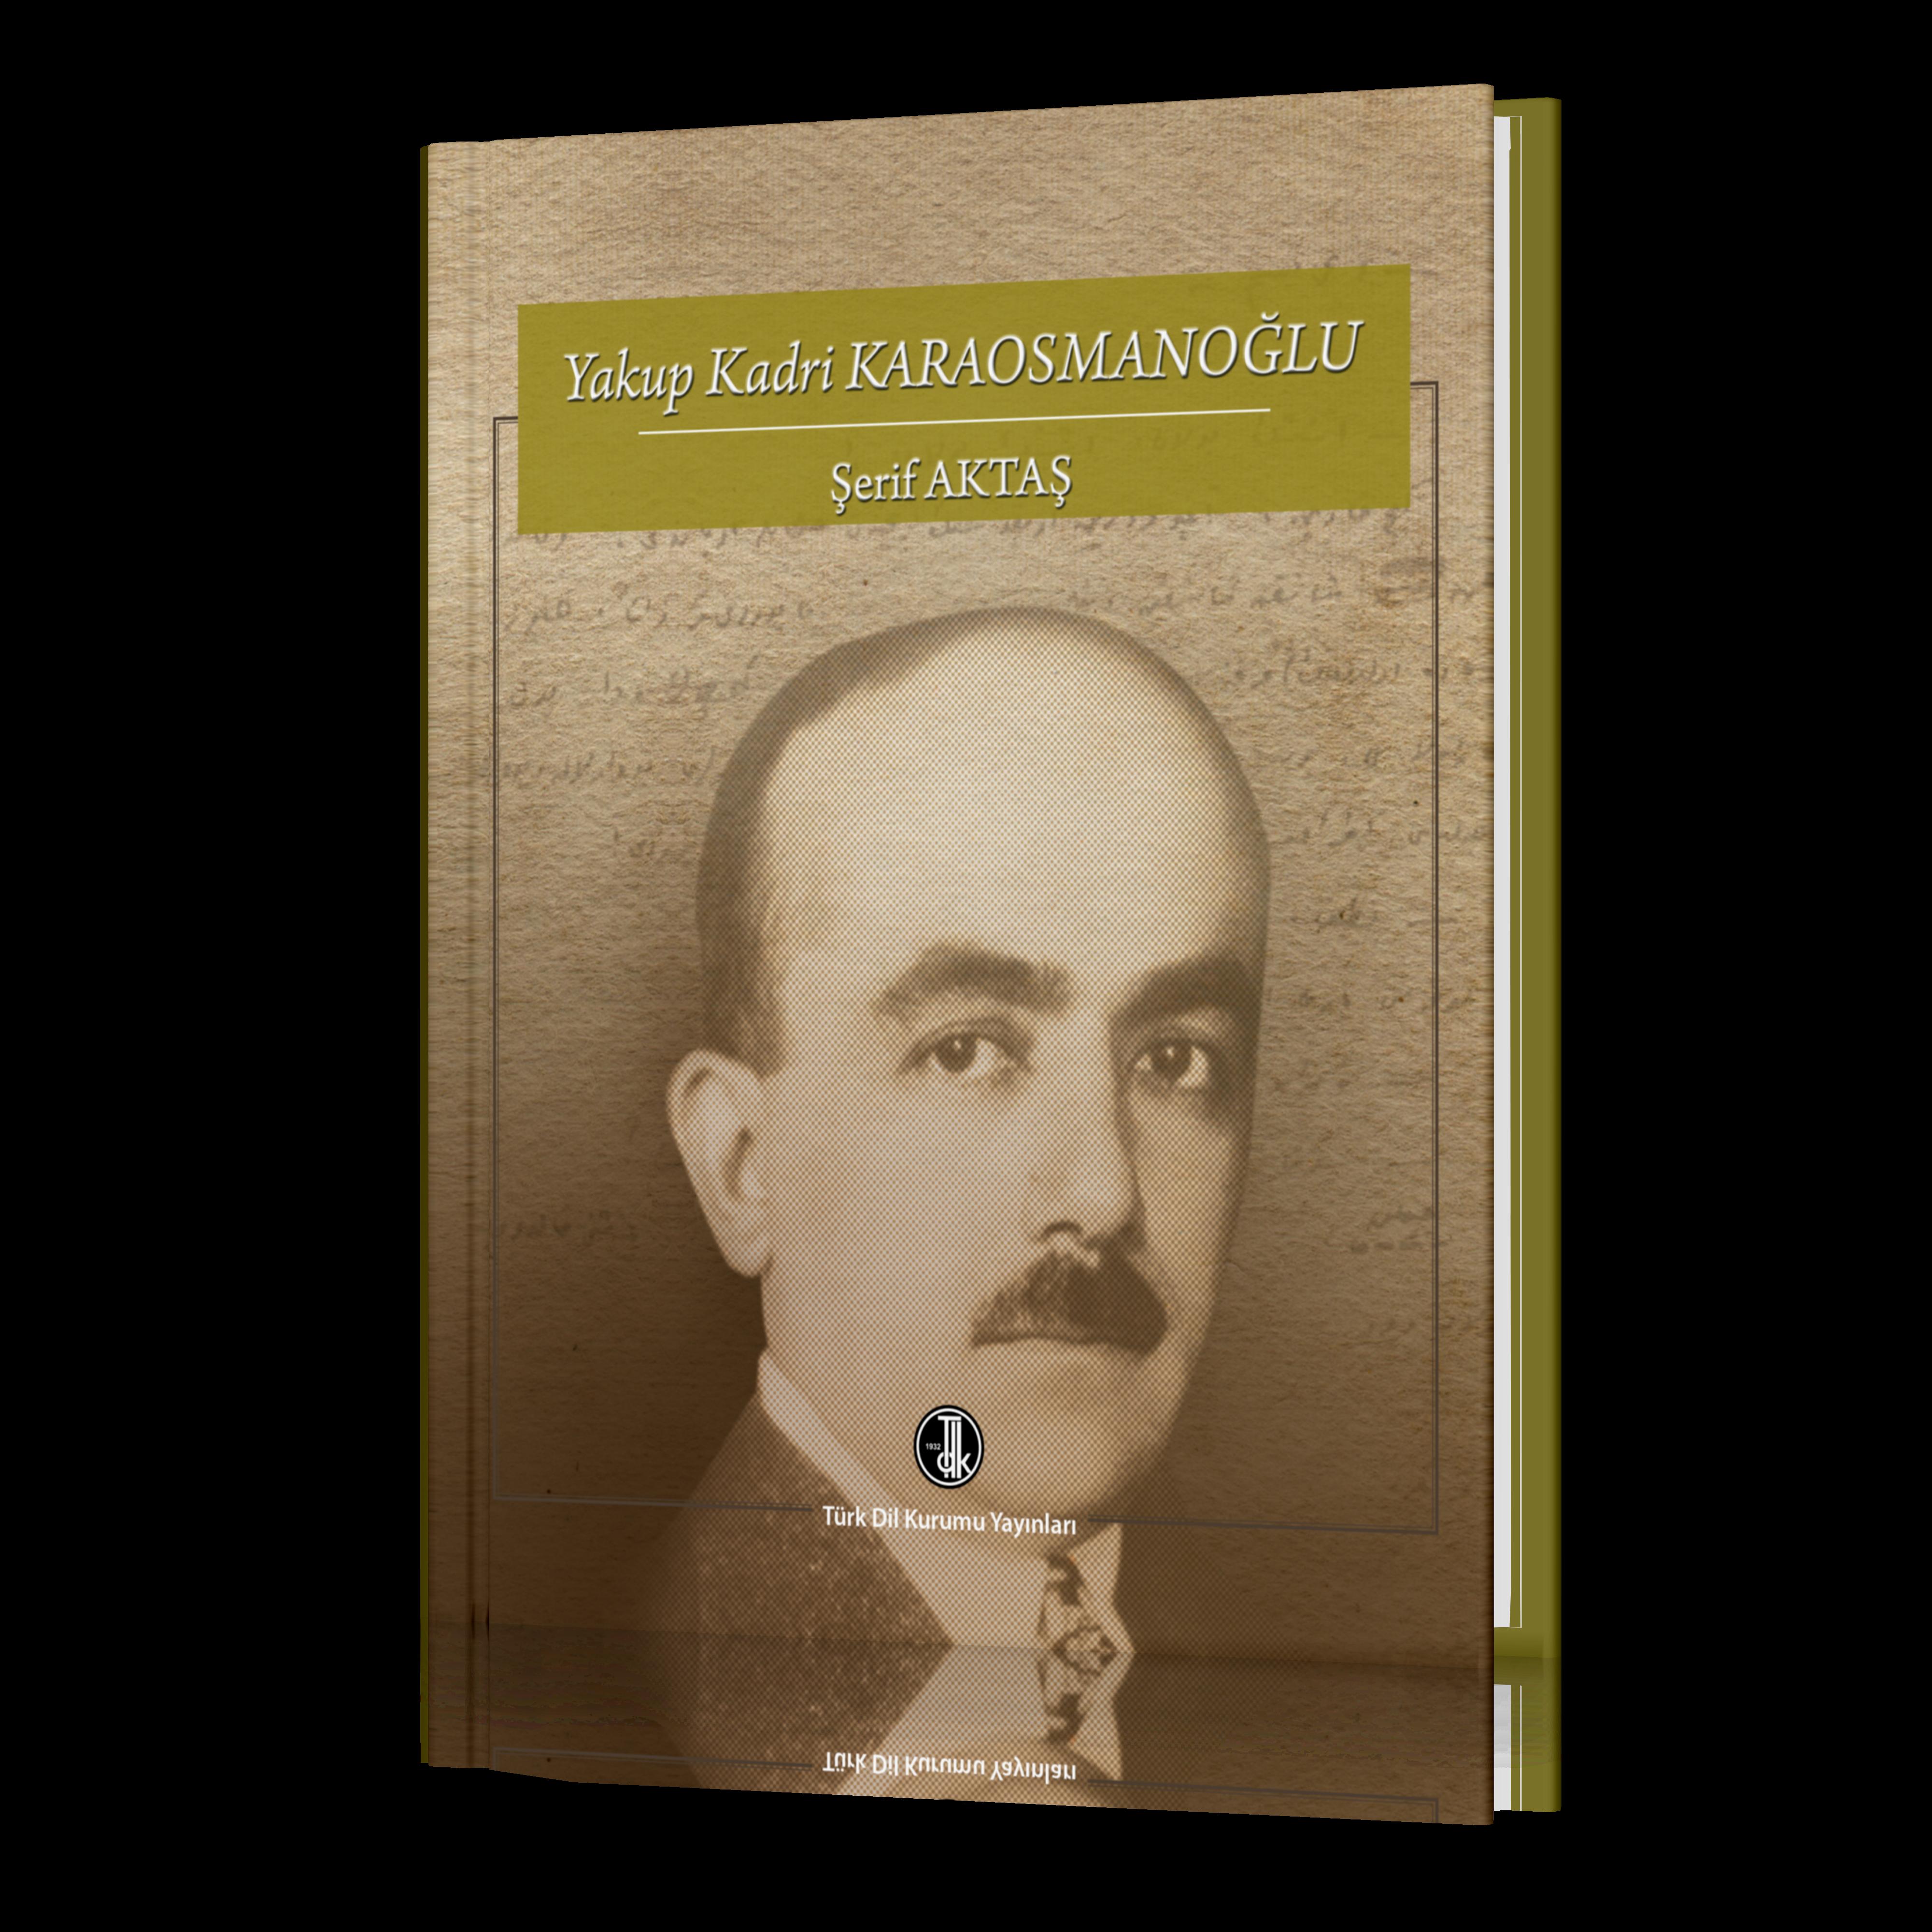 Yakup Kadri KARAOSMANOĞLU, 2019